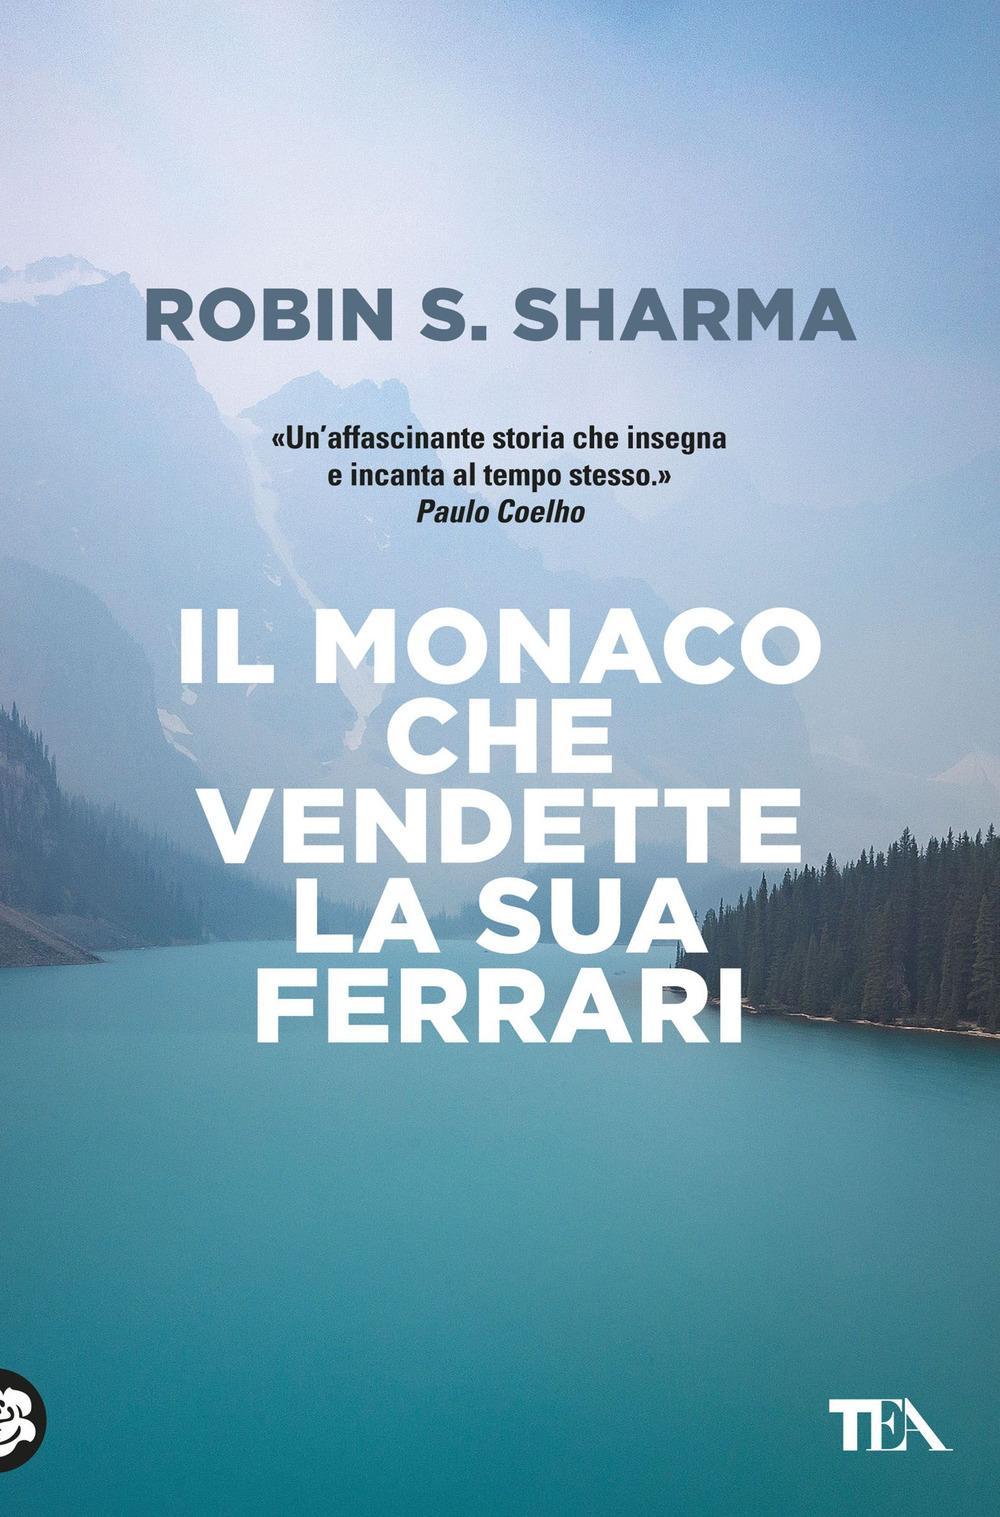 IL MONACO CHE VENDETTE LA SUA FERRARI di R. Sharma